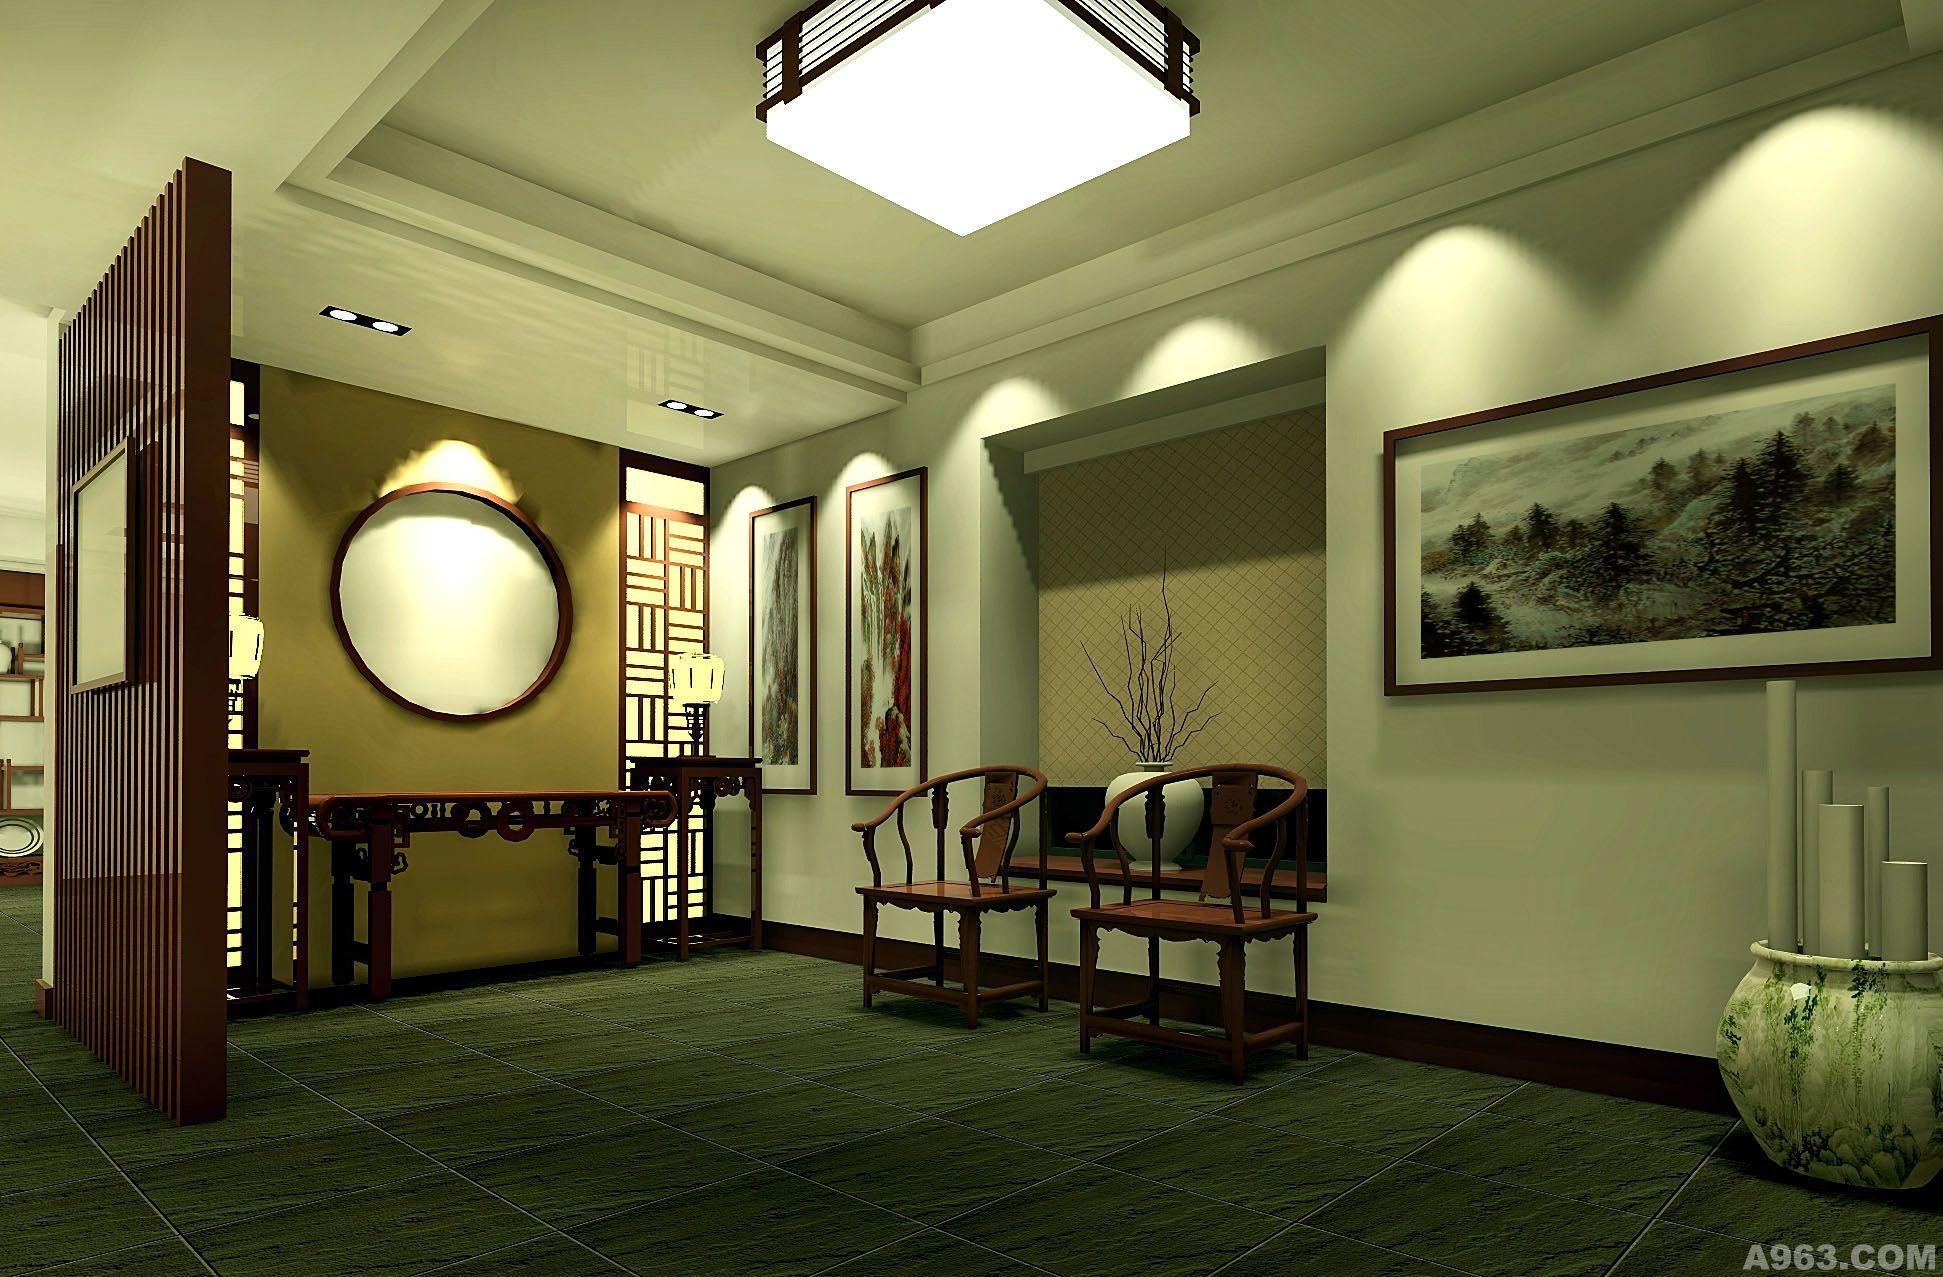 画廊- 陈设艺术 - 武汉室内设计网_武汉室内设计装修